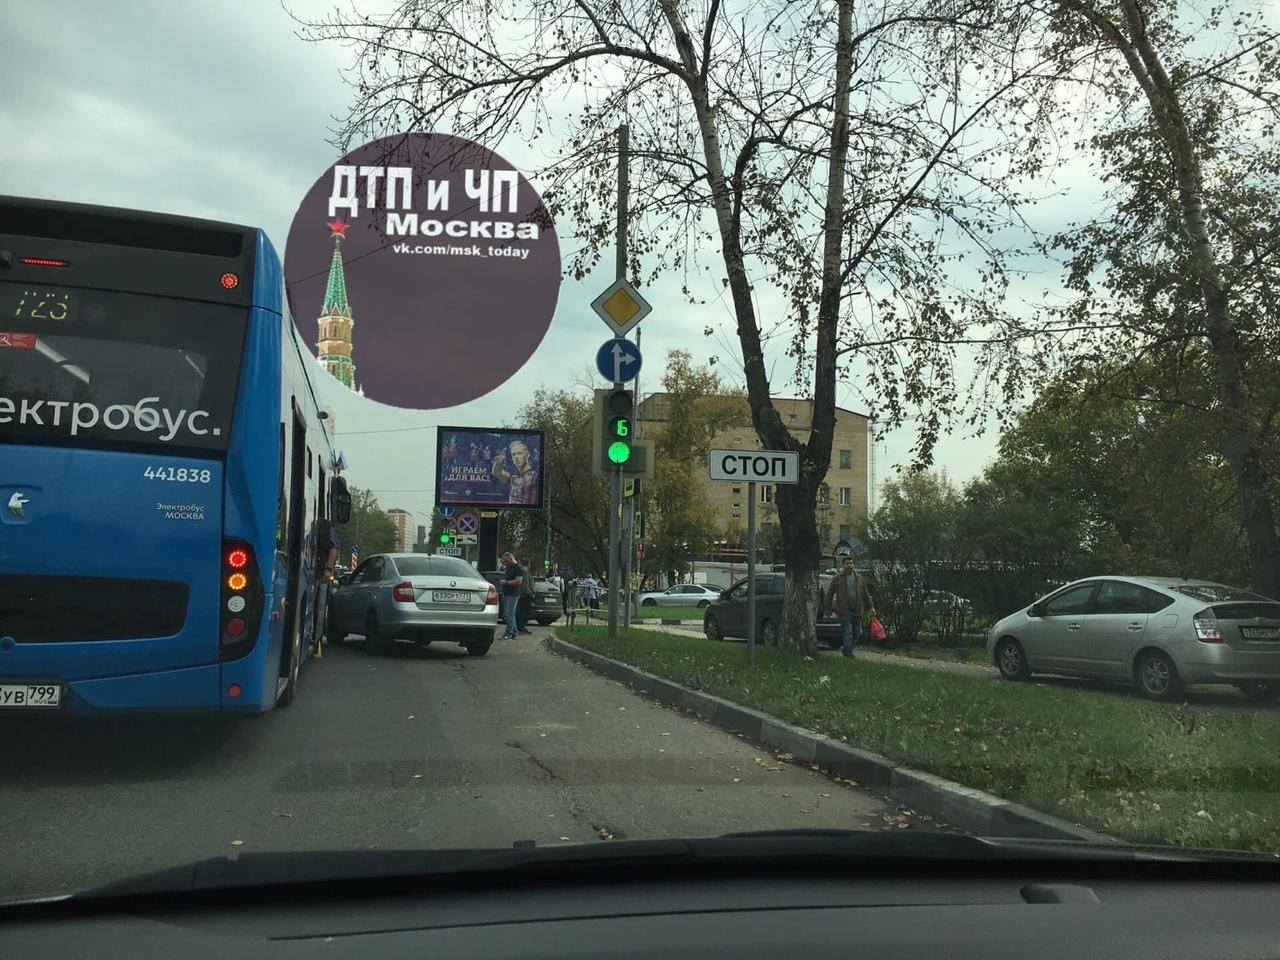 Некрасовка улица Инициативная. Skoda и электробус. Объезжали по тротуару.